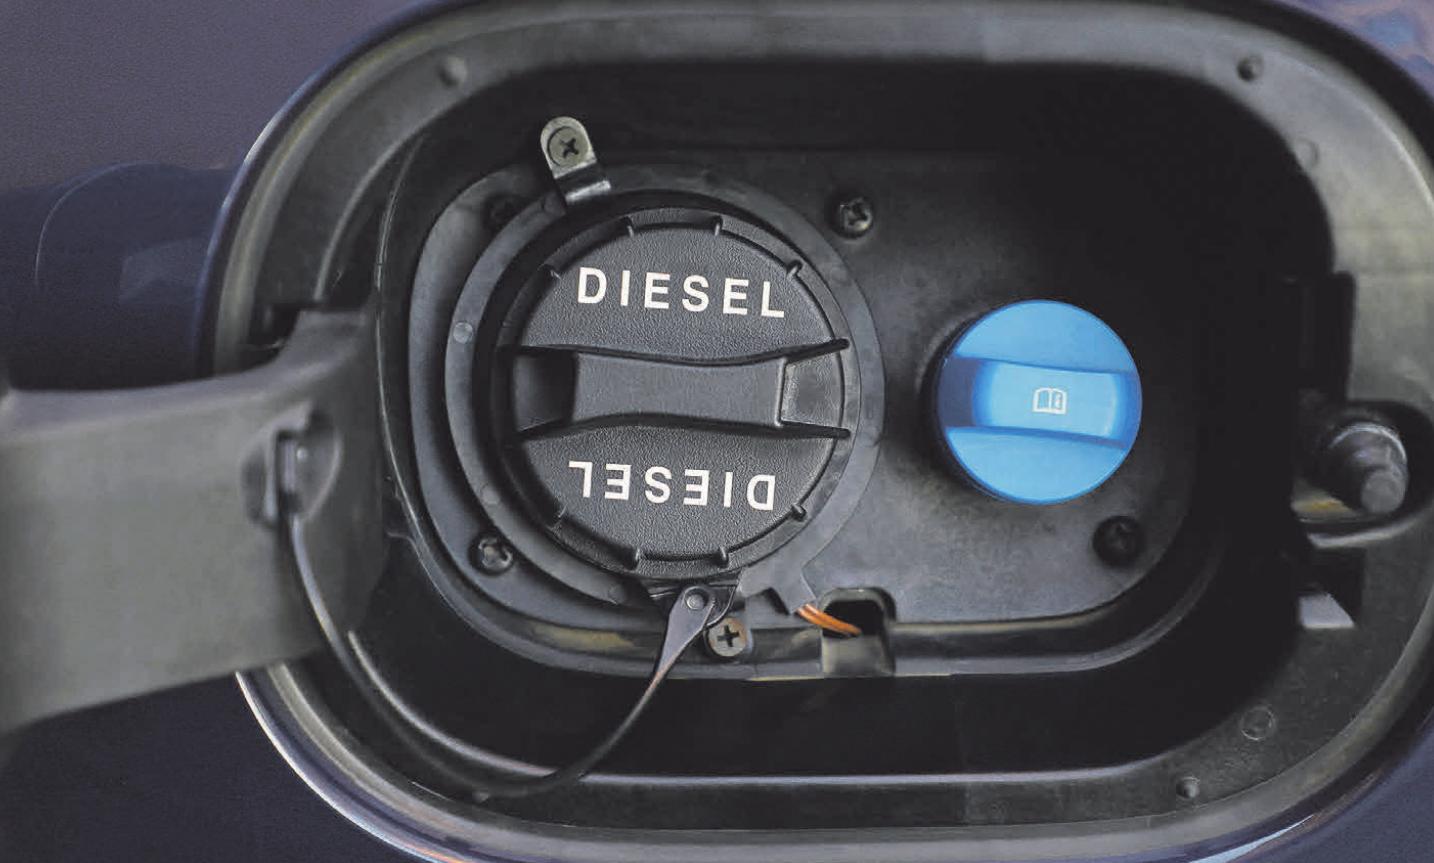 Einfüllstutzen links für Diesel und rechts für Adblue